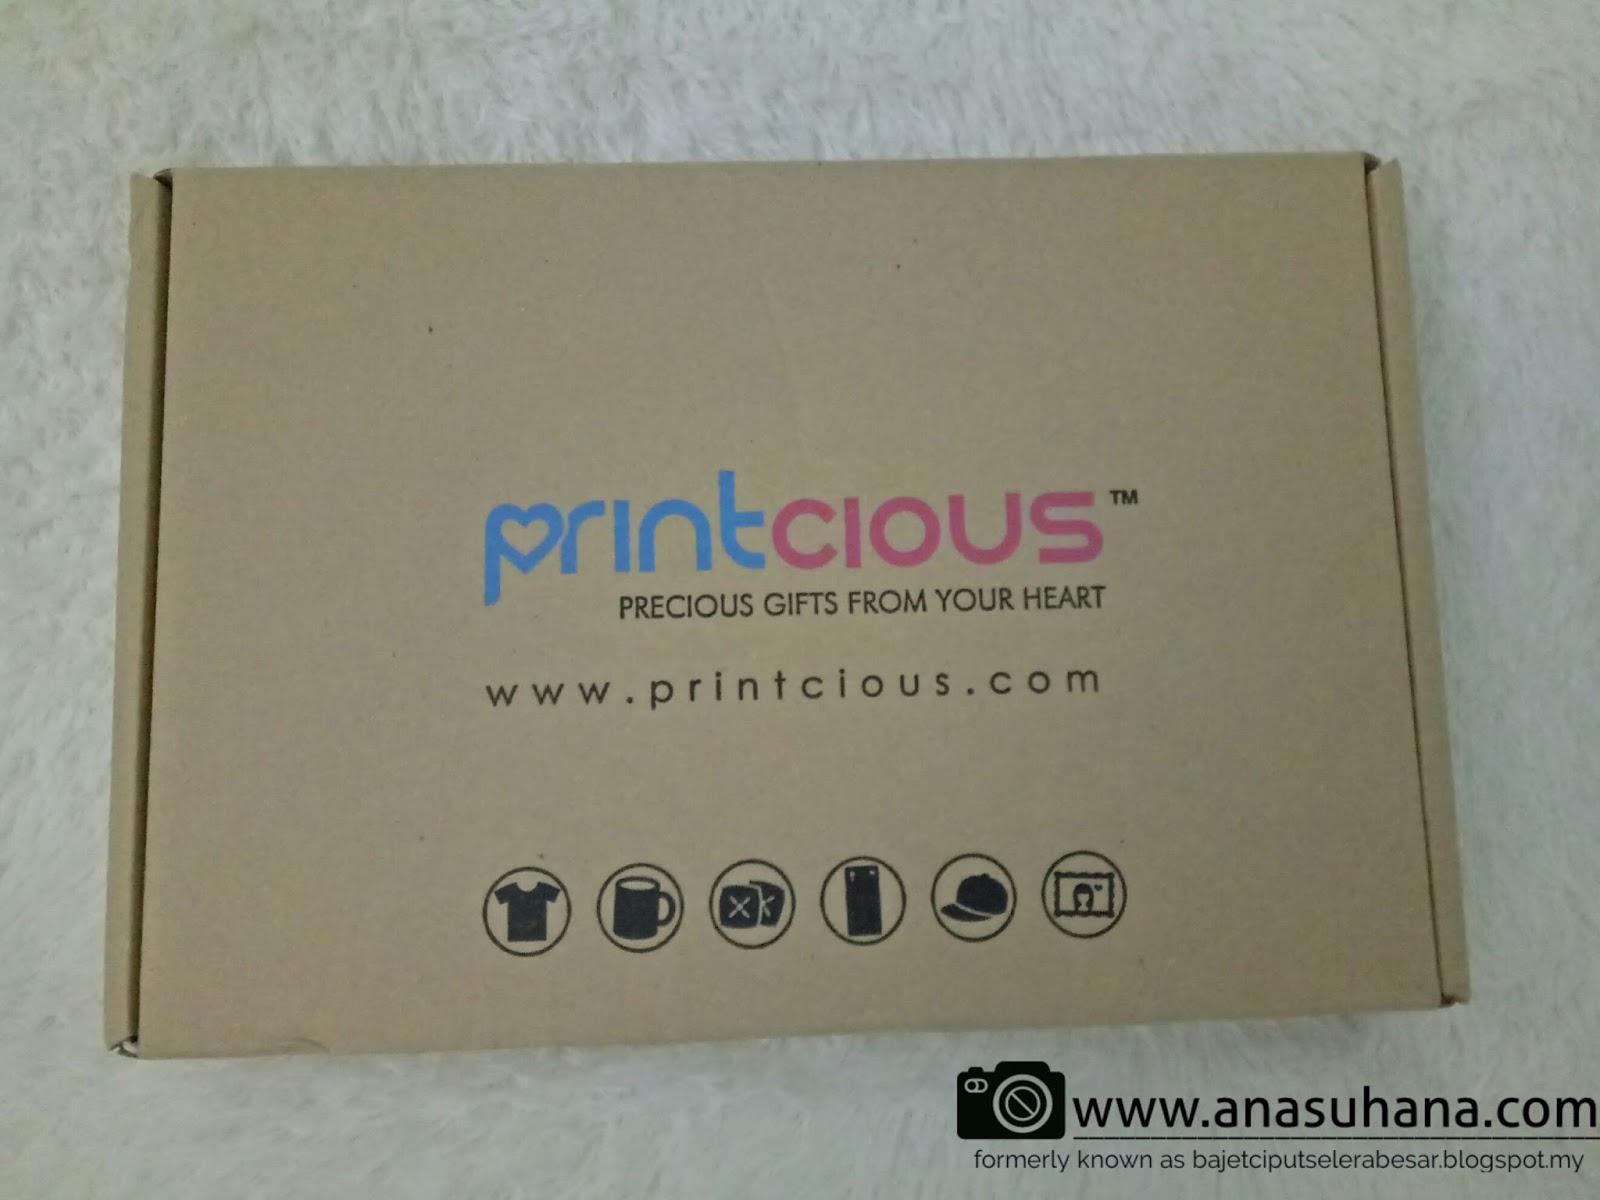 Printcious